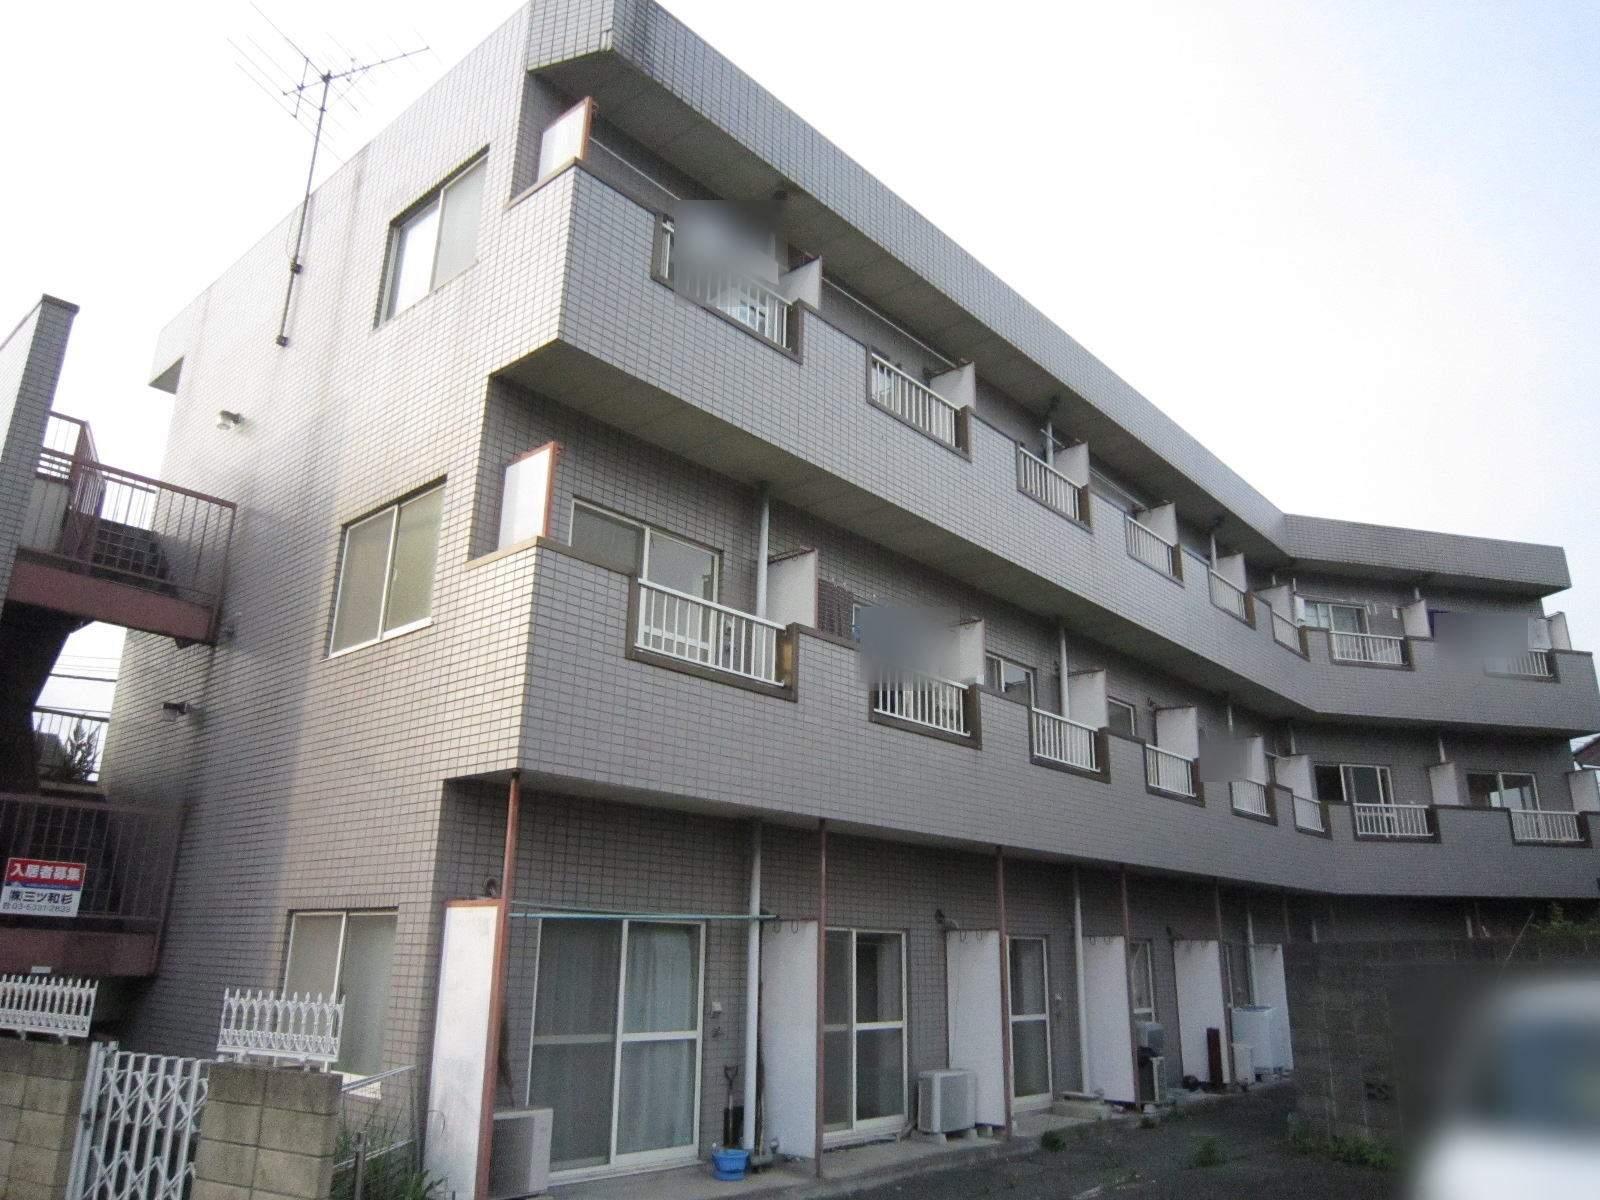 埼玉県入間市、仏子駅徒歩3分の築27年 3階建の賃貸マンション